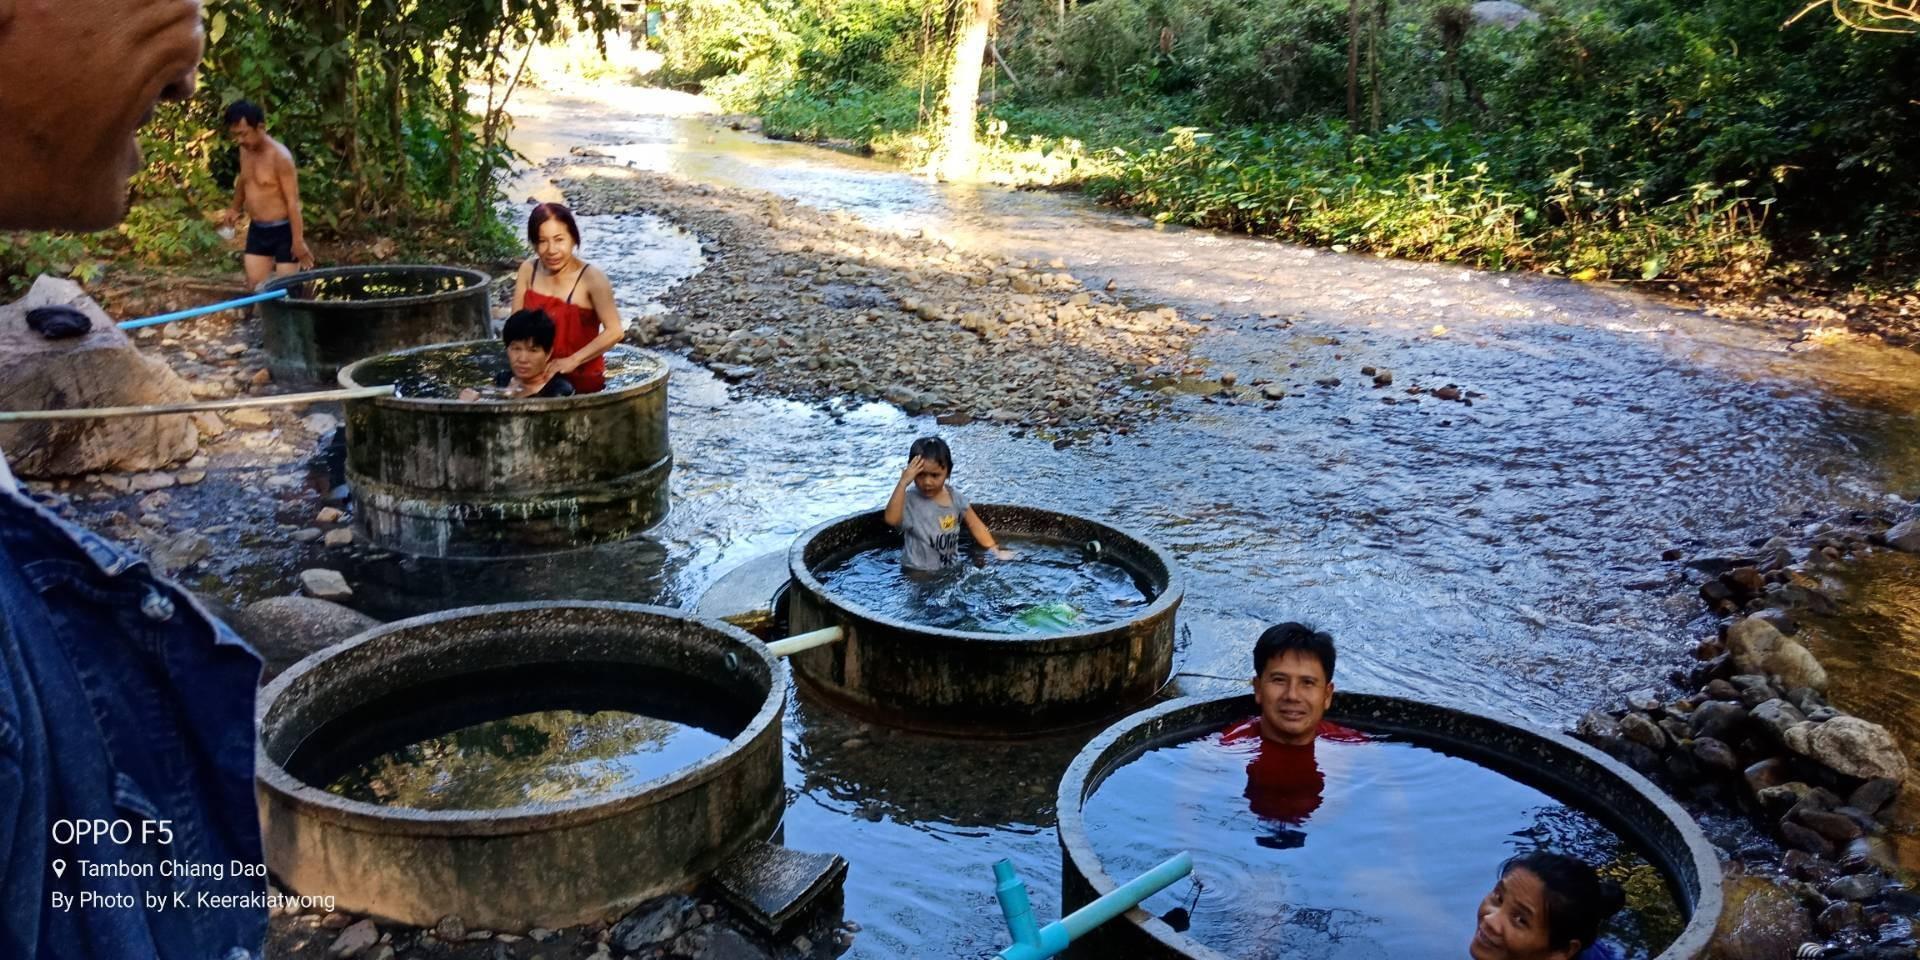 มีหลายบ่อ ร้อนมาก-น้อยให้เลือกแช่กันพอร้อนได้ที่ก็ออกจากบ่อไปนอนแช่ลำธารสลับได้เ